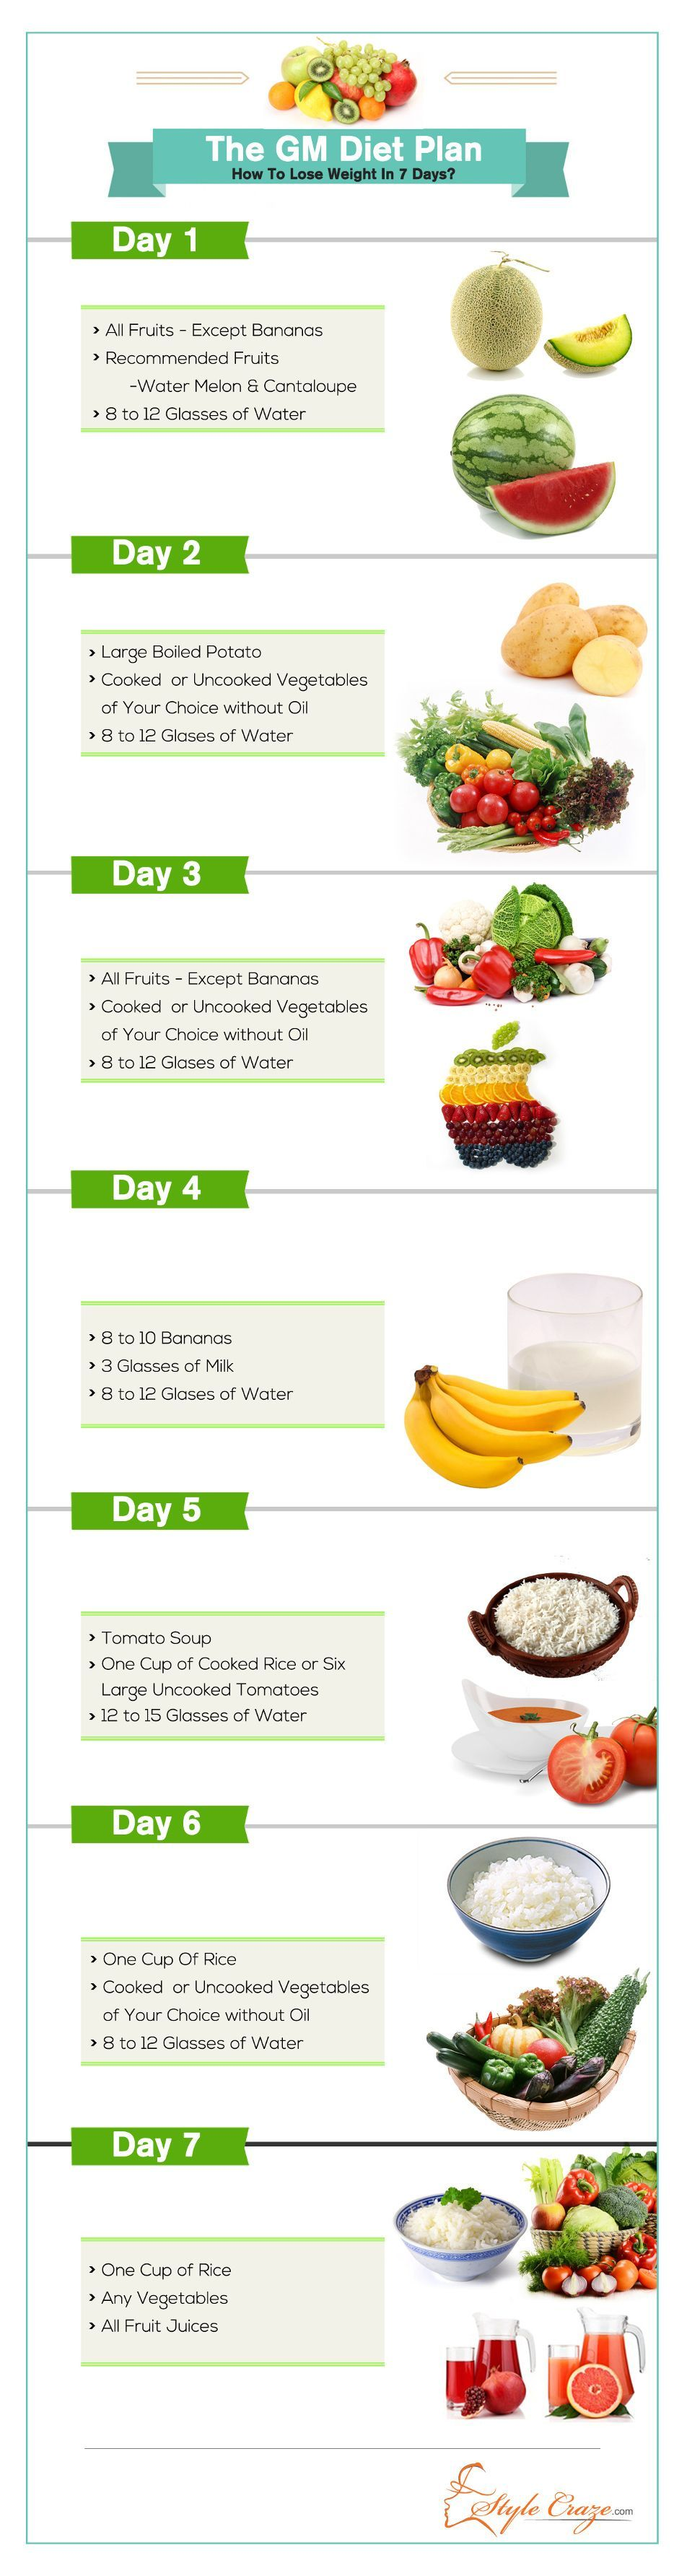 Cara Diet GM Bisa Turun Berat Badan Hanya Dalam 7 Hari, Benarkah ?